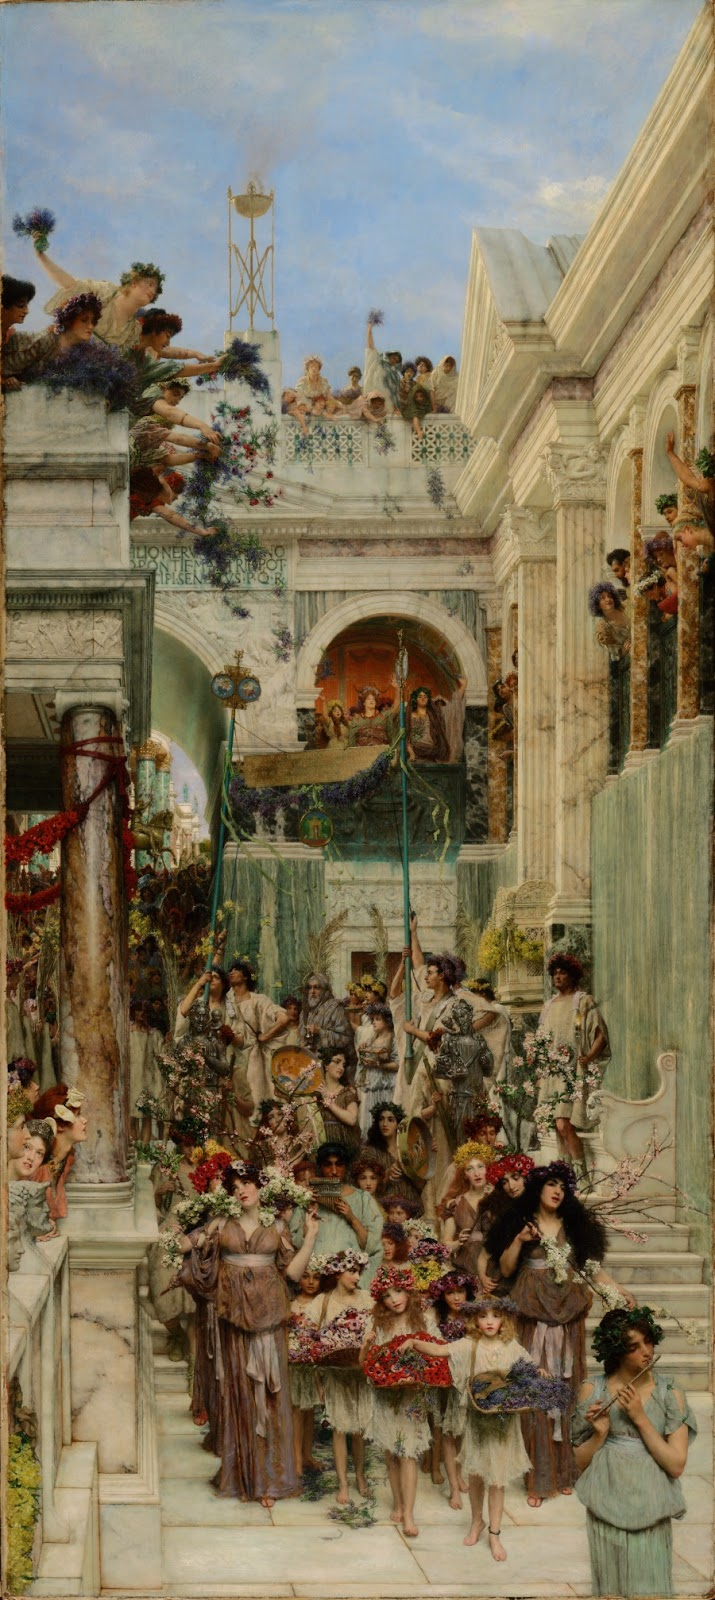 Pintura victoriana con procesión de mujeres y niños con flores descendiendo escaleras de mármol